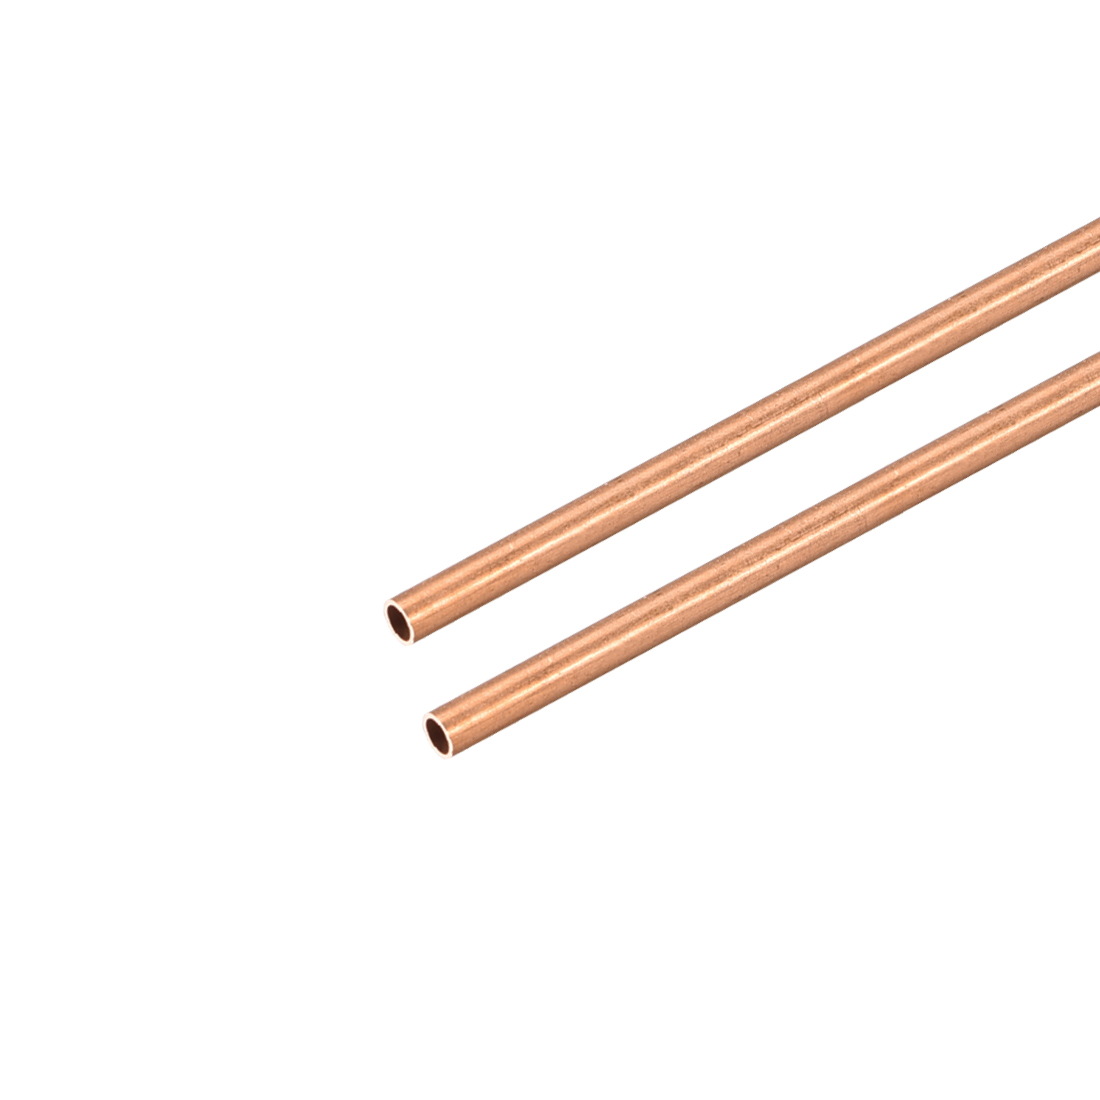 Uxcell 2 шт медные круглые трубки 2 мм-10 мм OD 300 мм длинные прямые трубы для промышленных морских мастеров